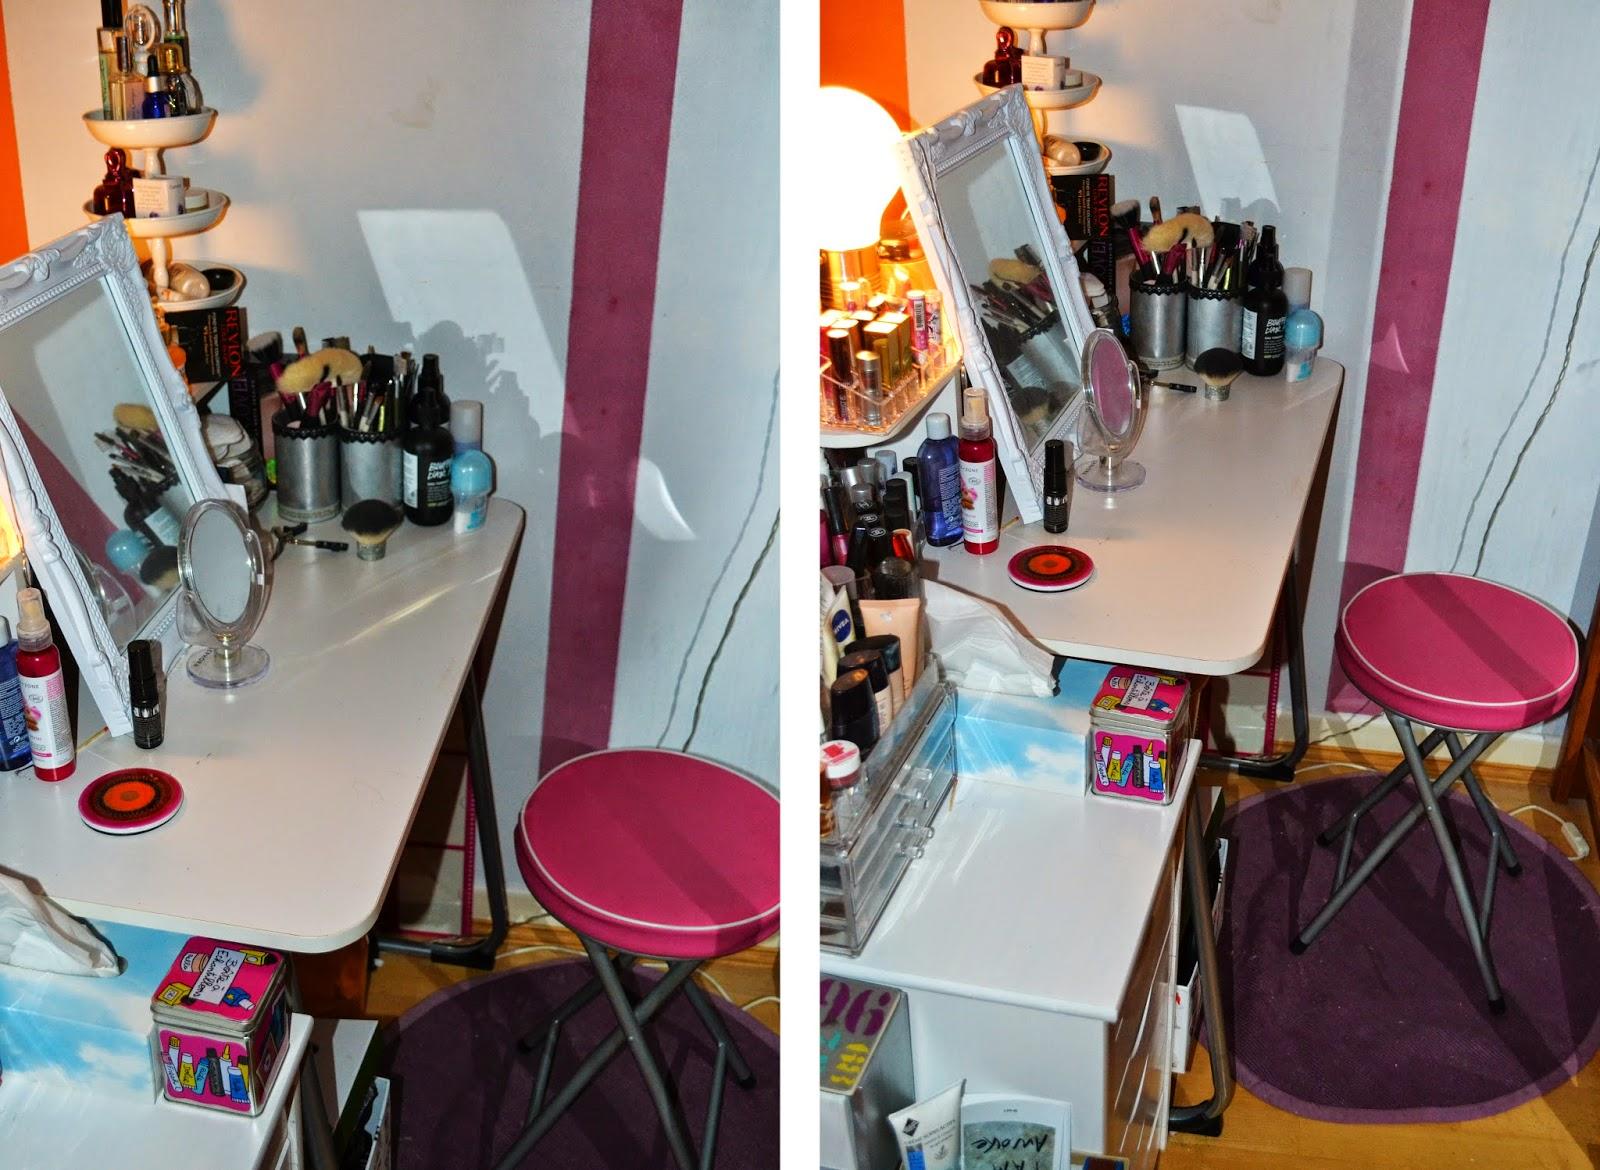 La coiffeuse, le meuble indispensable pour une chambre